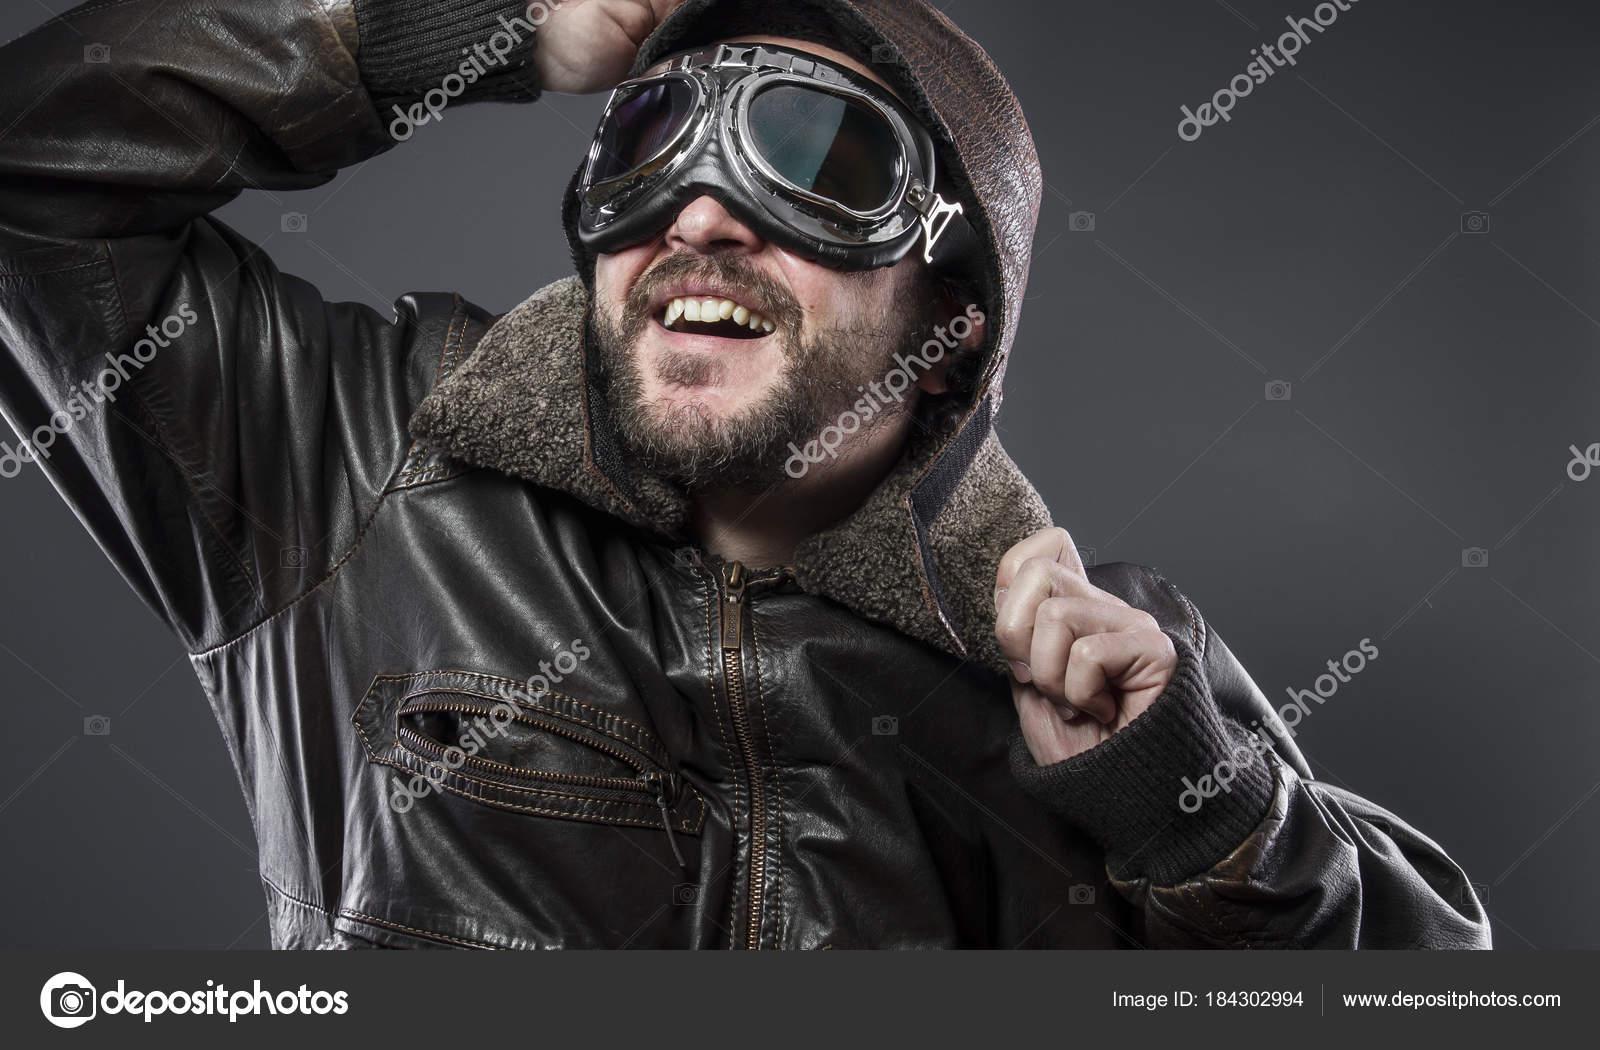 dc1fc47447 Aparência, antigo piloto de avião com jaqueta de couro marrom, arador chapéu  e óculos grandes — Fotografia por outsiderzone